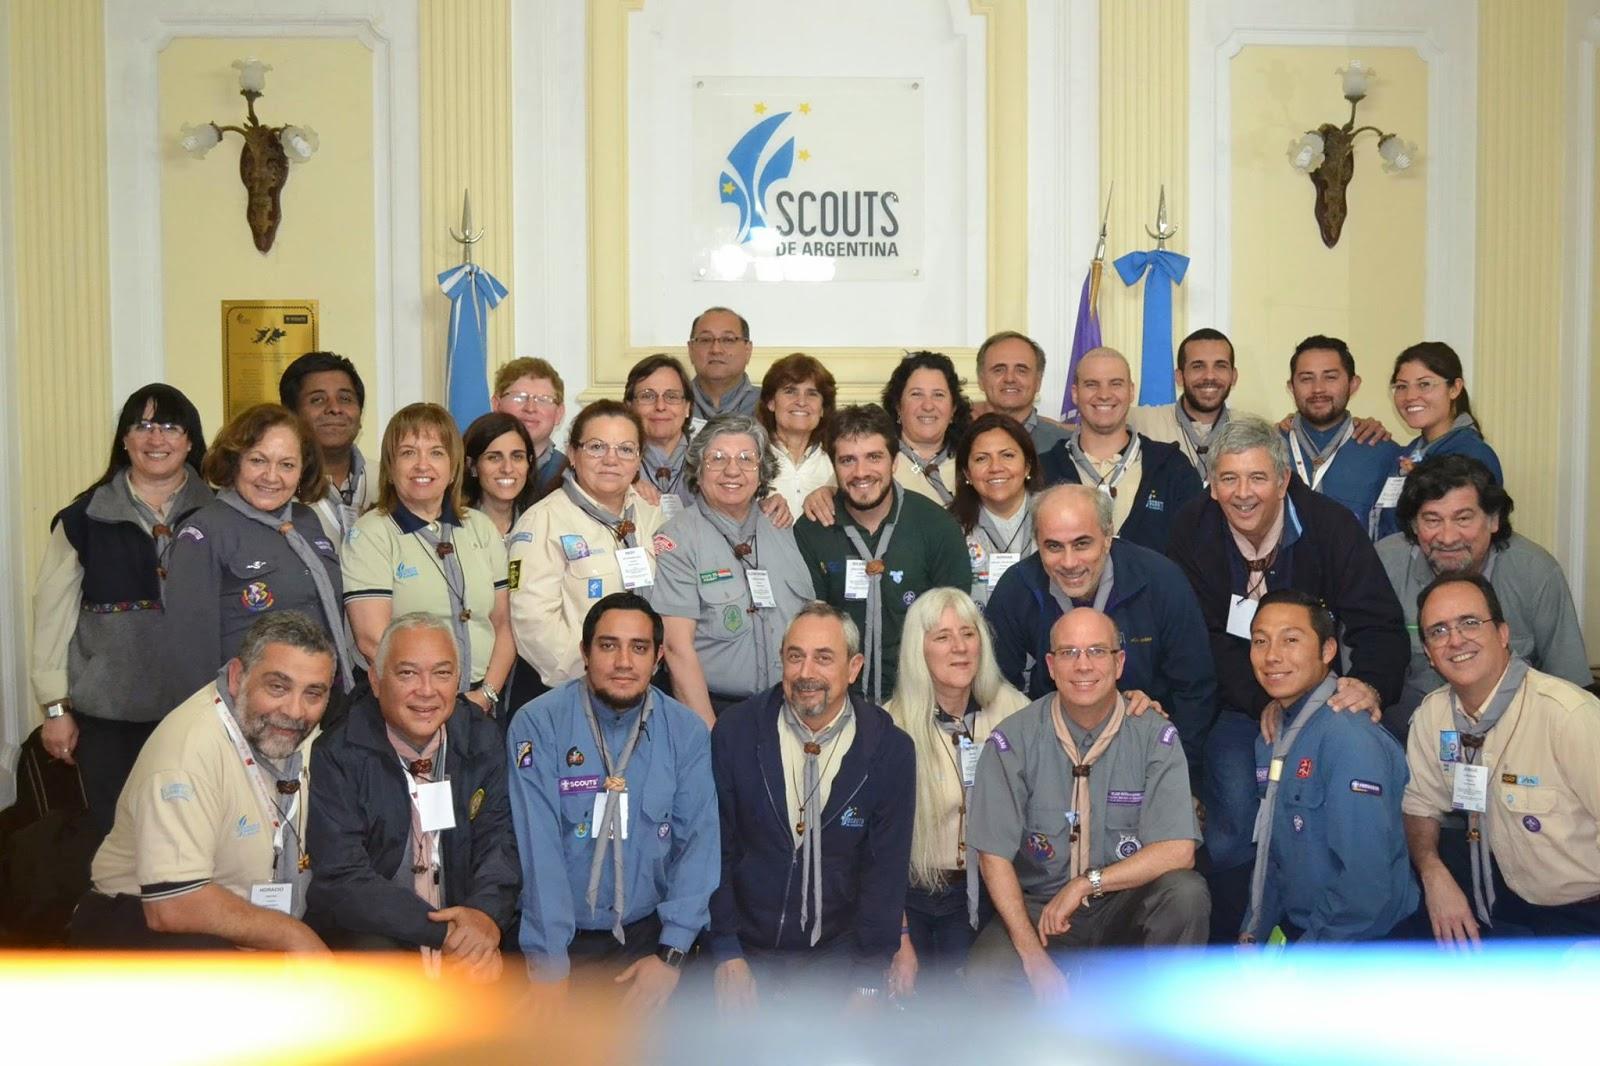 #Curso: Diseño e Implementación de Políticas y Sistemas de Gestión de Adultos en el Movimiento Scout